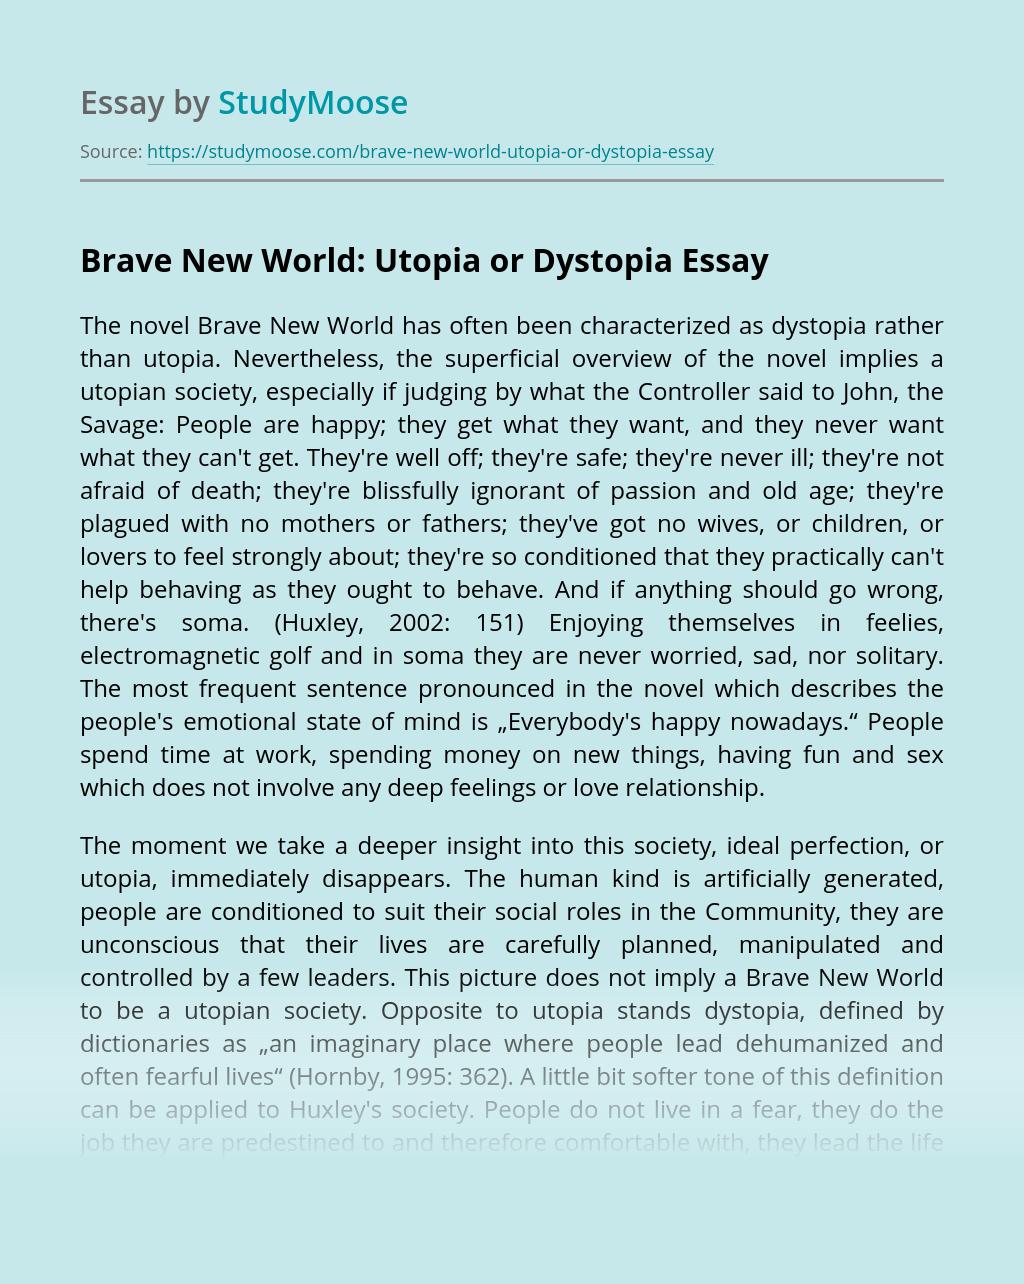 Brave New World: Utopia or Dystopia